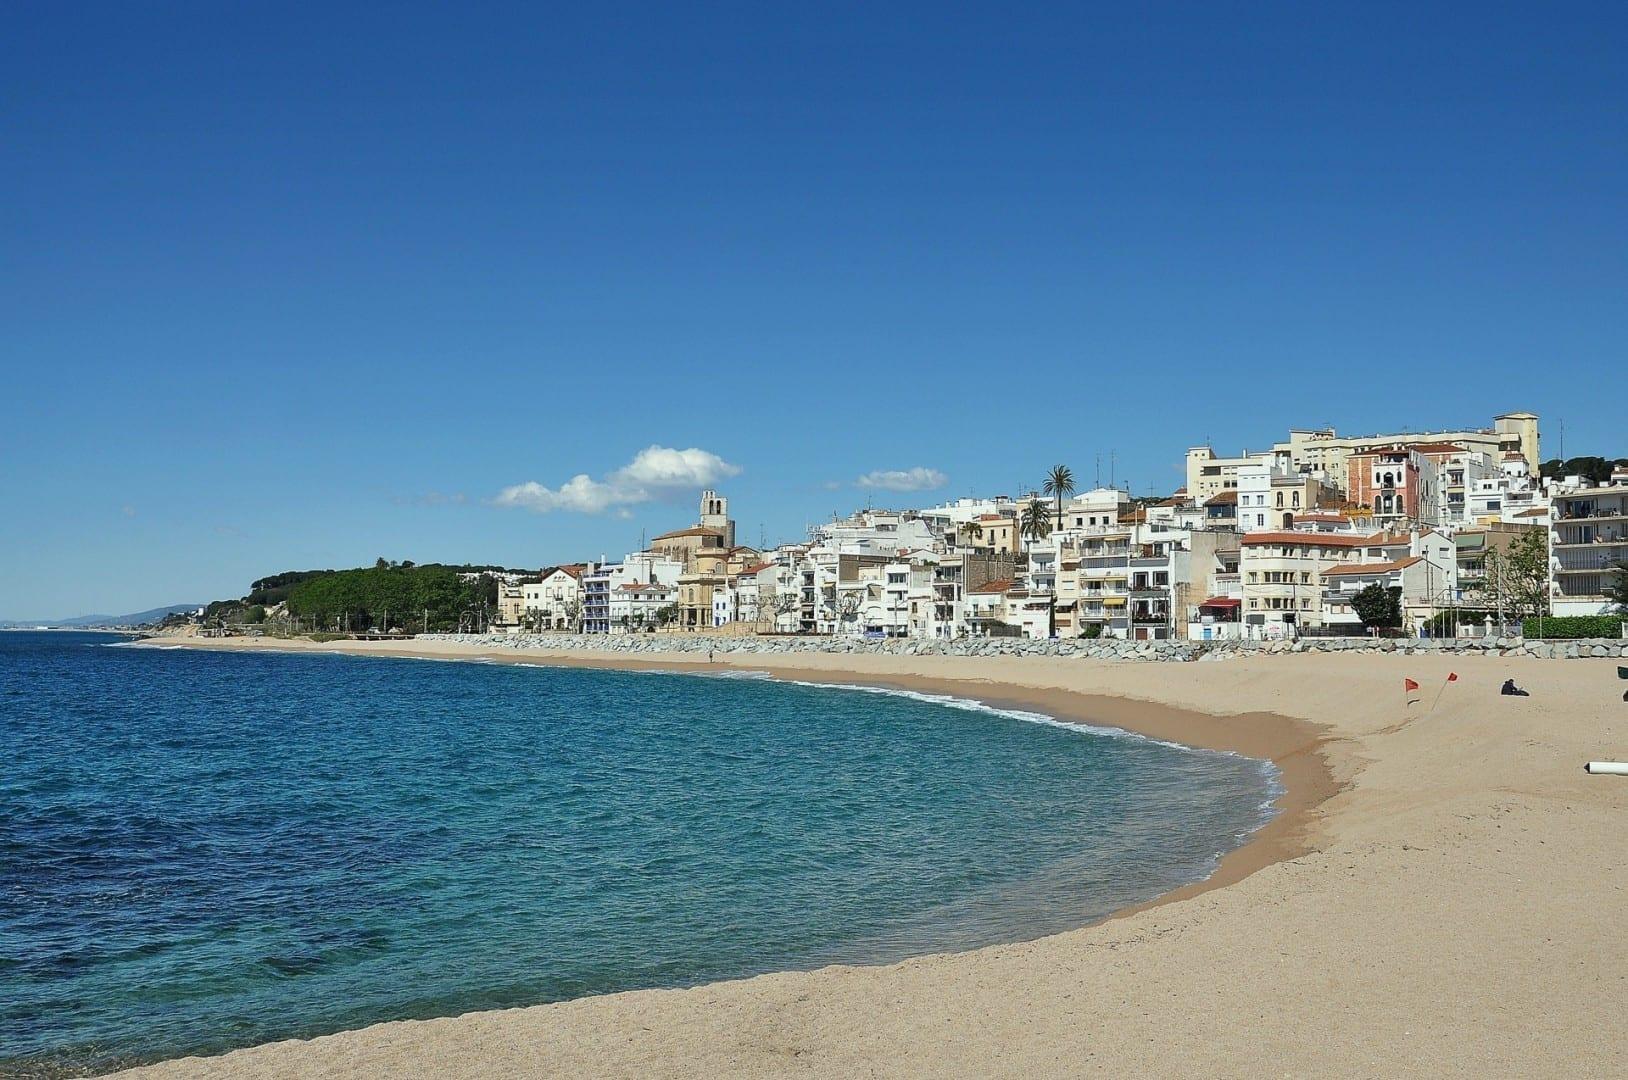 La playa de Sant Pol De Mar es una de las más bonitas de la Costa Brava en Barcelona. Decenas de miles de personas la visitan cada verano debido a los amazi San Pol de Mar España